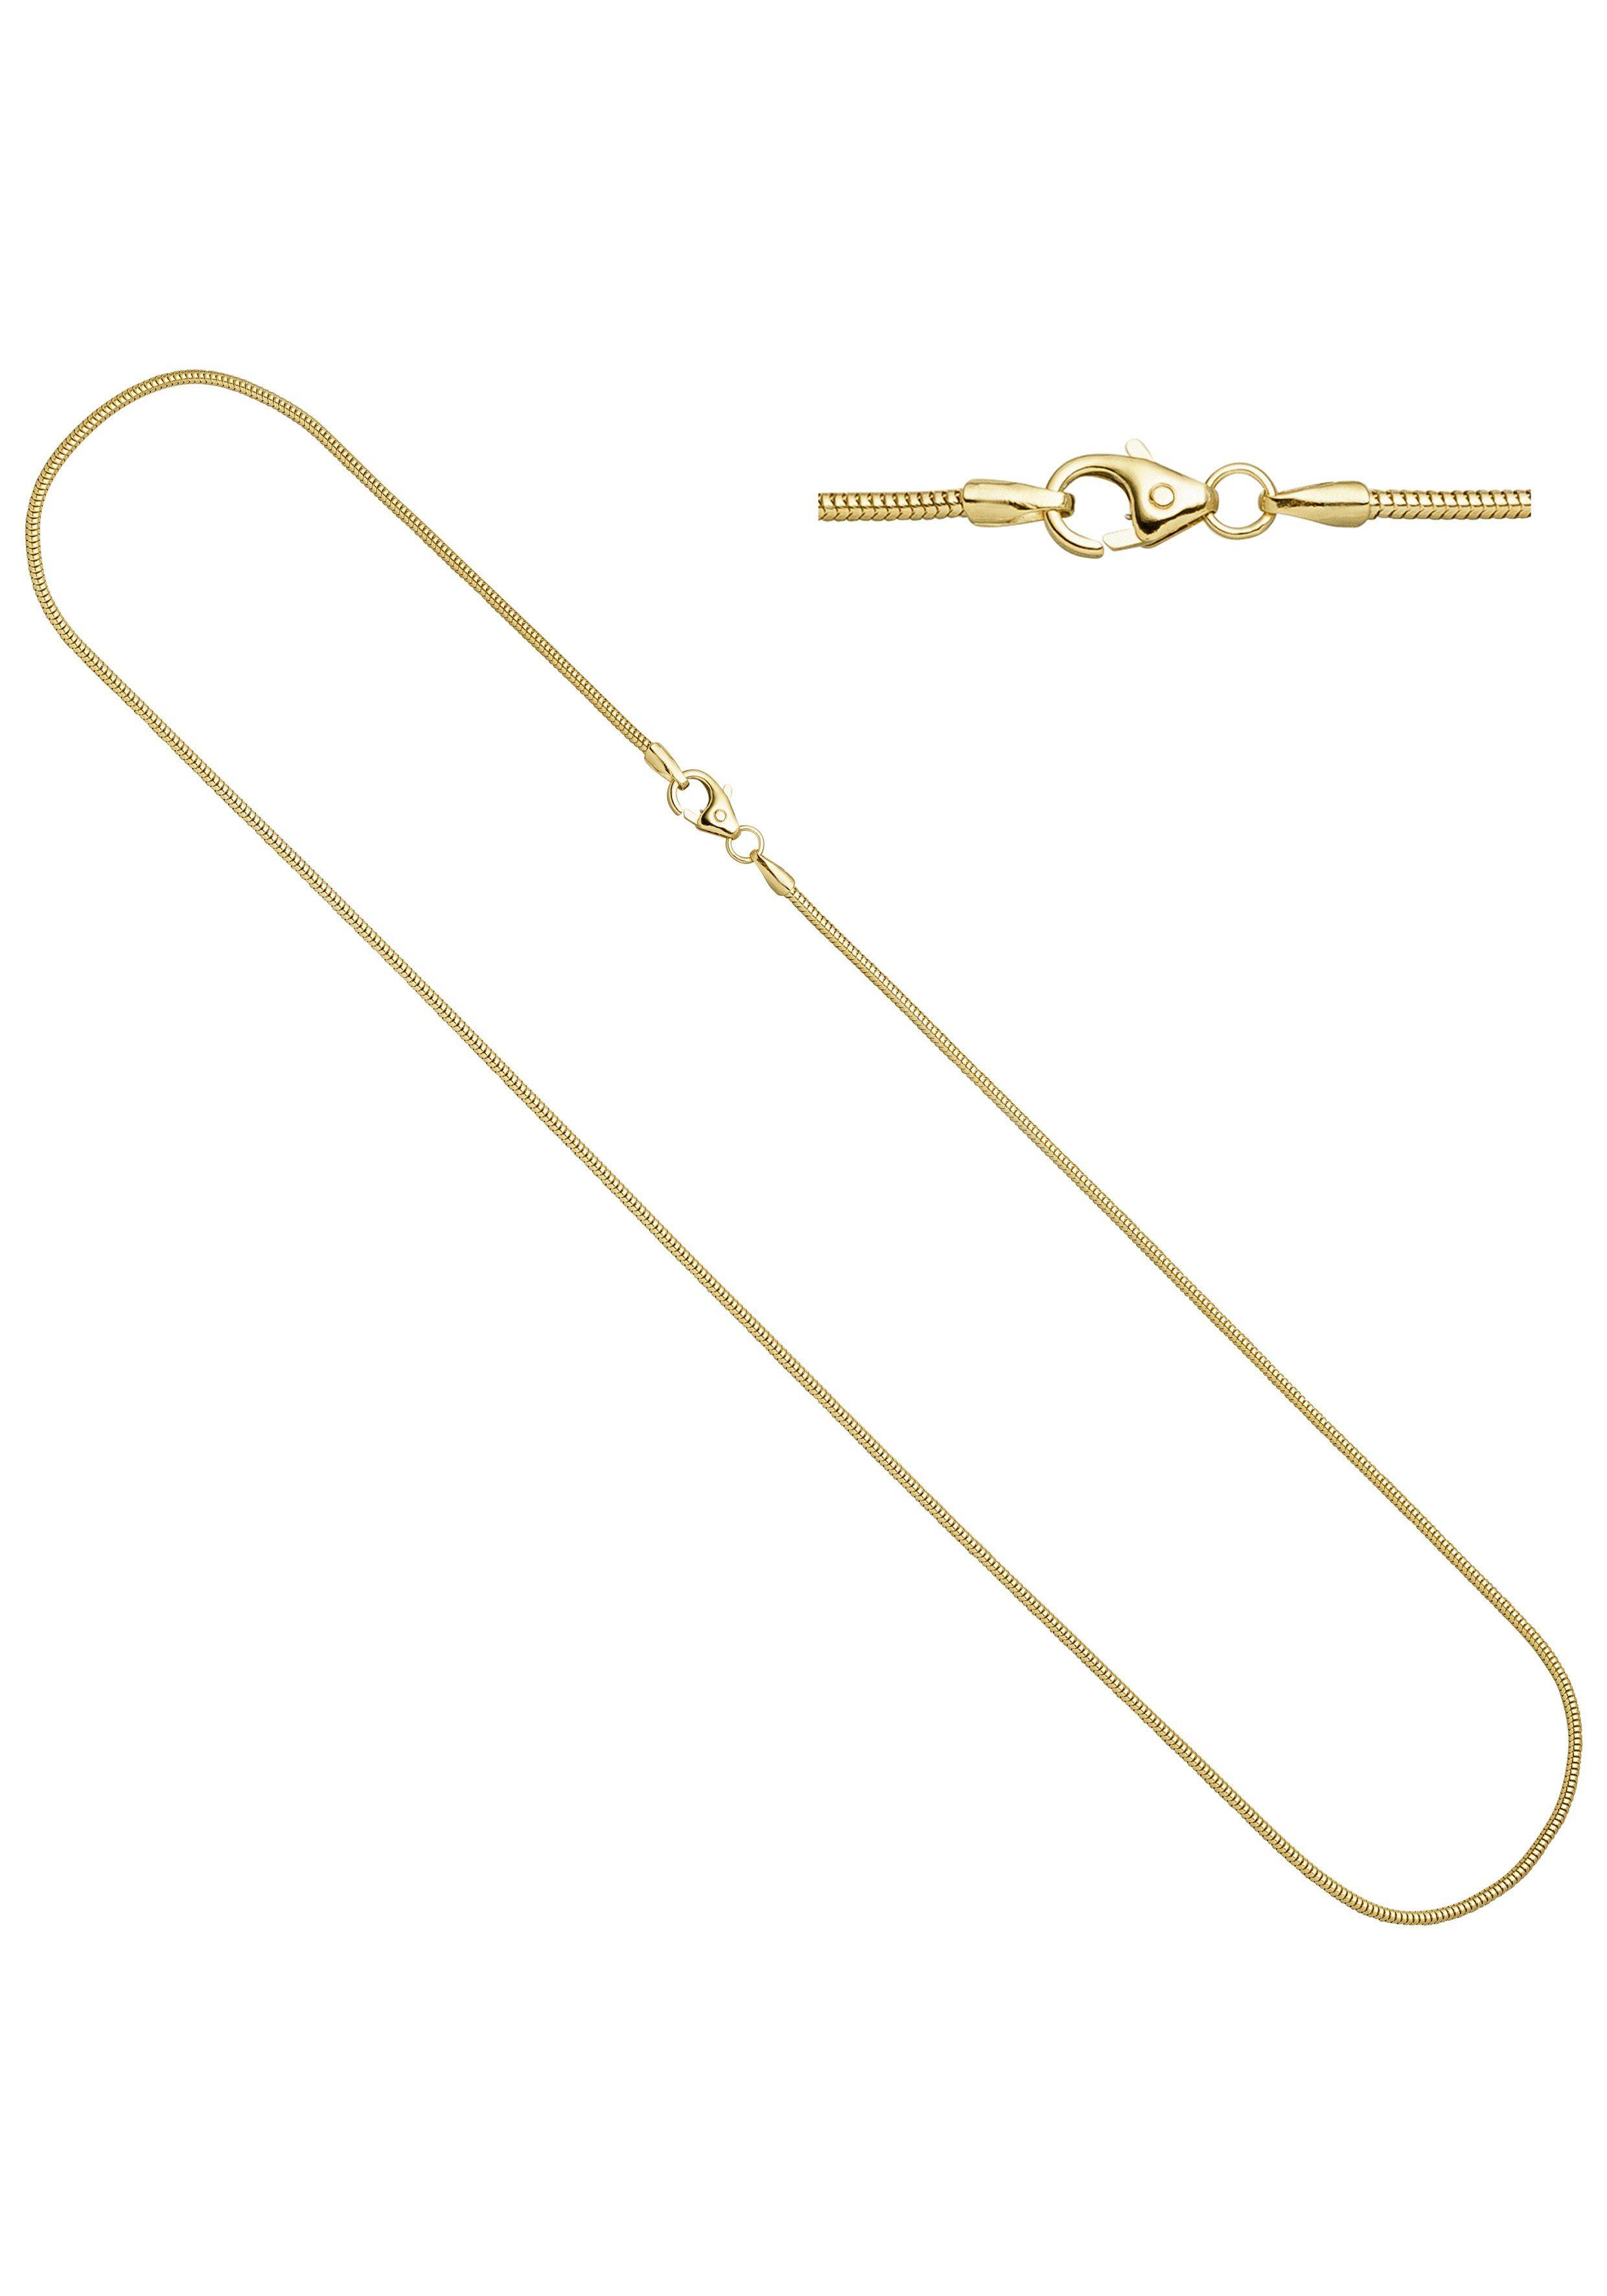 JOBO Goldkette Schlangenkette 333 Gold 45 cm 1,6 mm